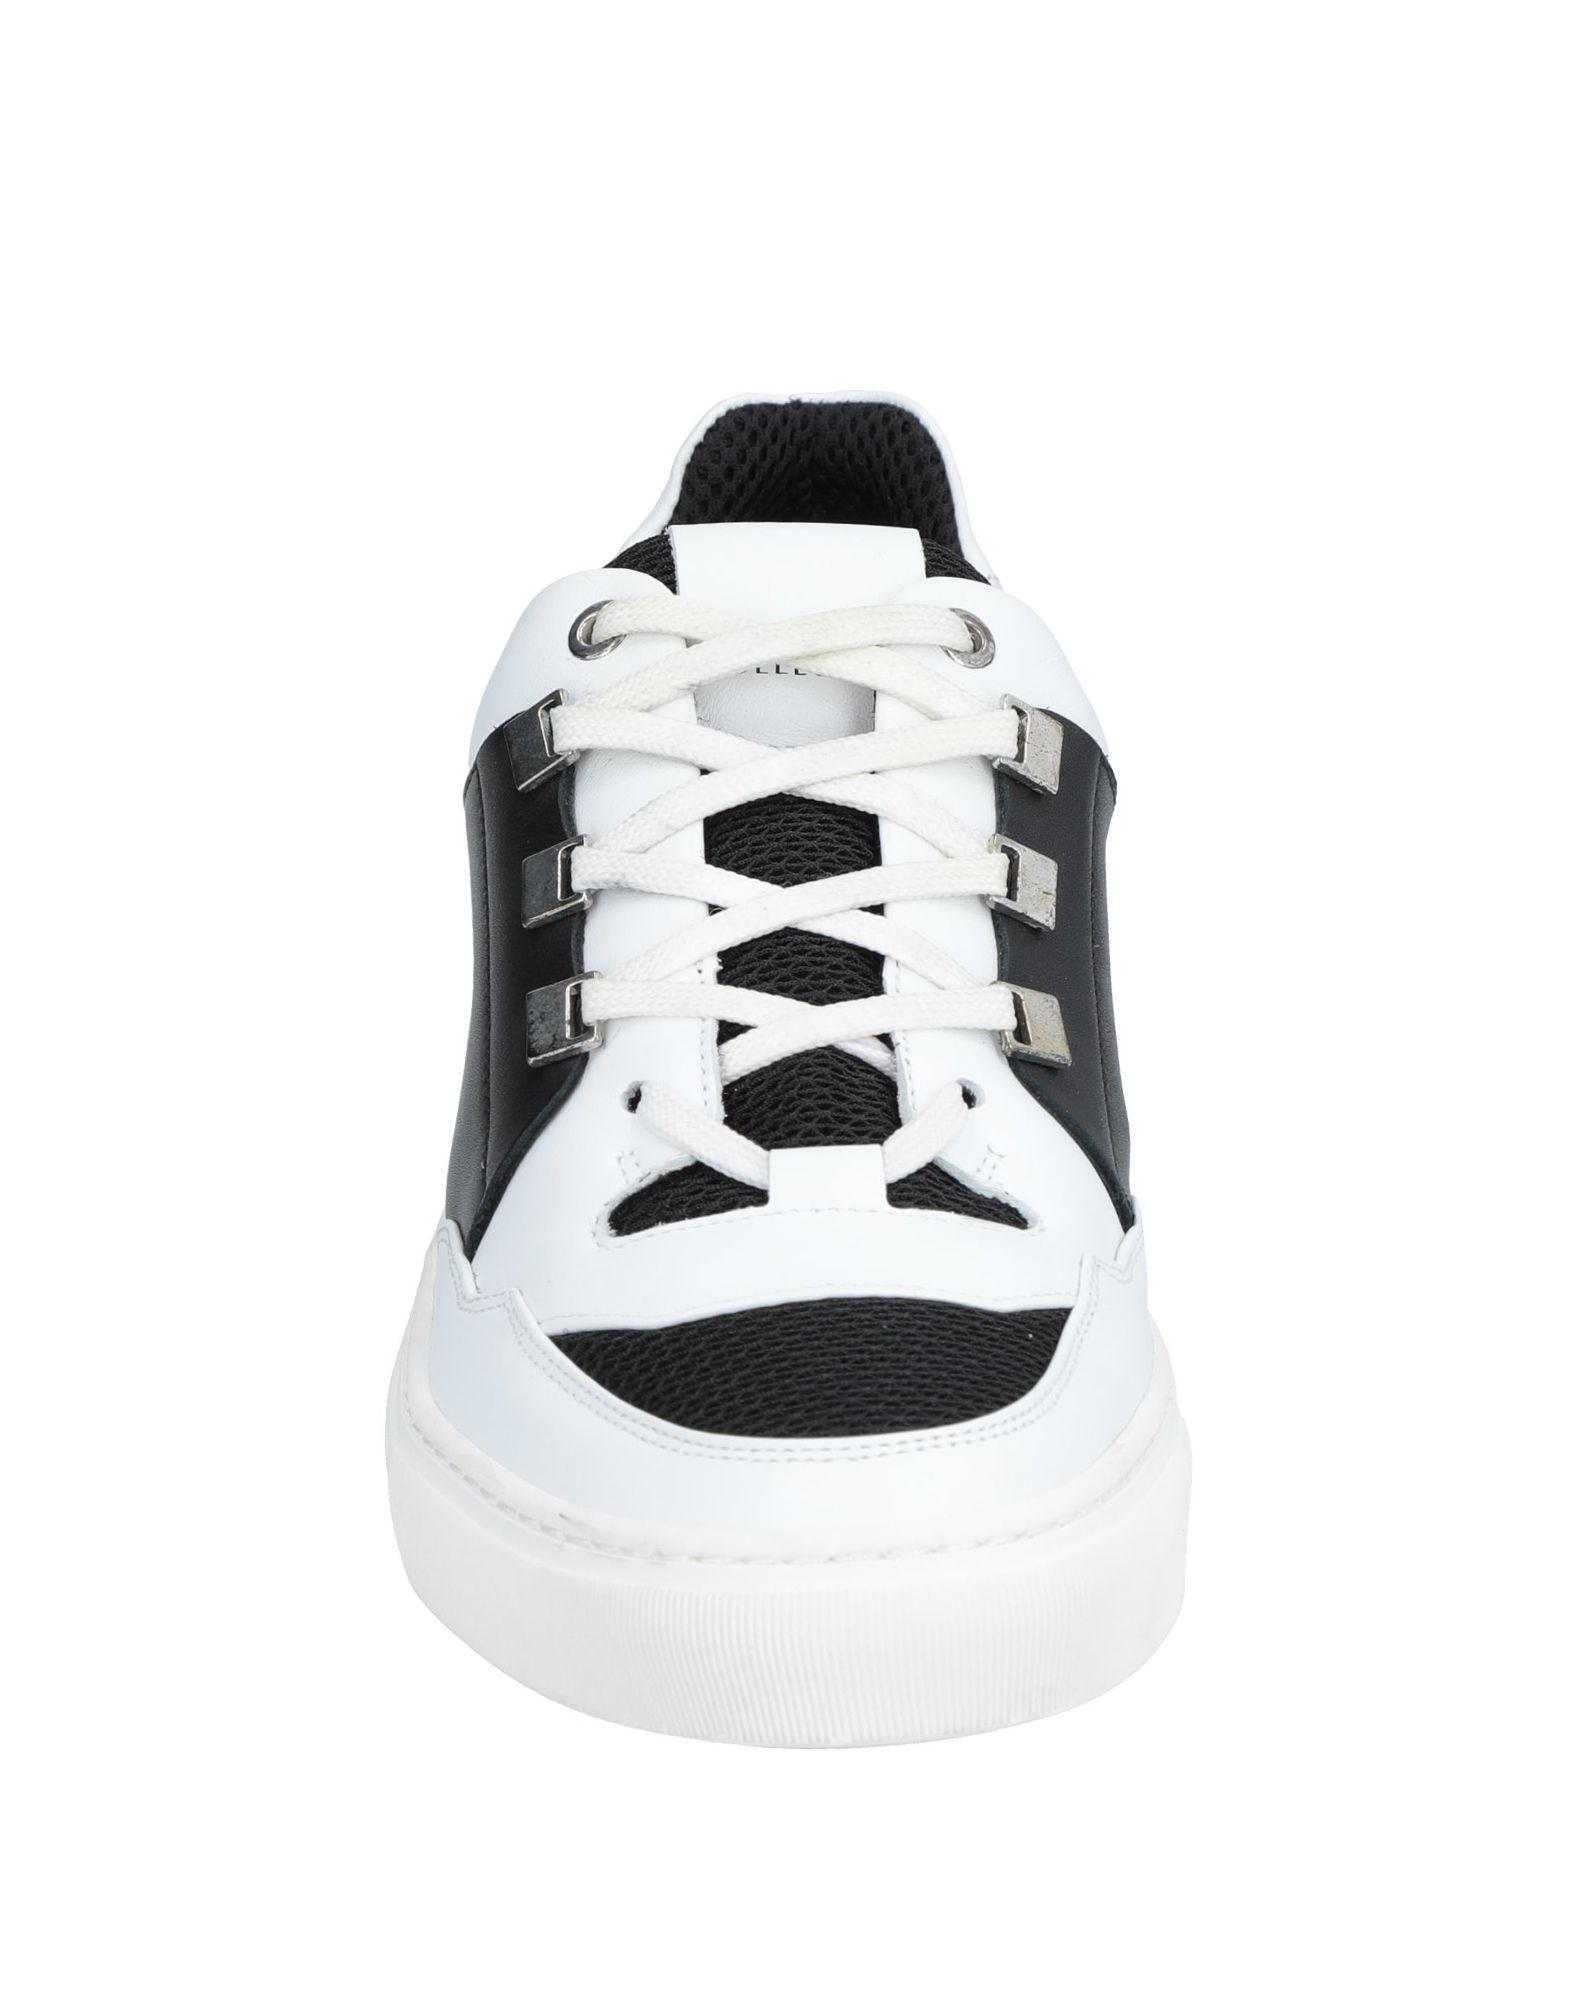 Versace Collection Sneakers Sneakers Collection Herren  11534588VW Gute Qualität beliebte Schuhe 1f36c0